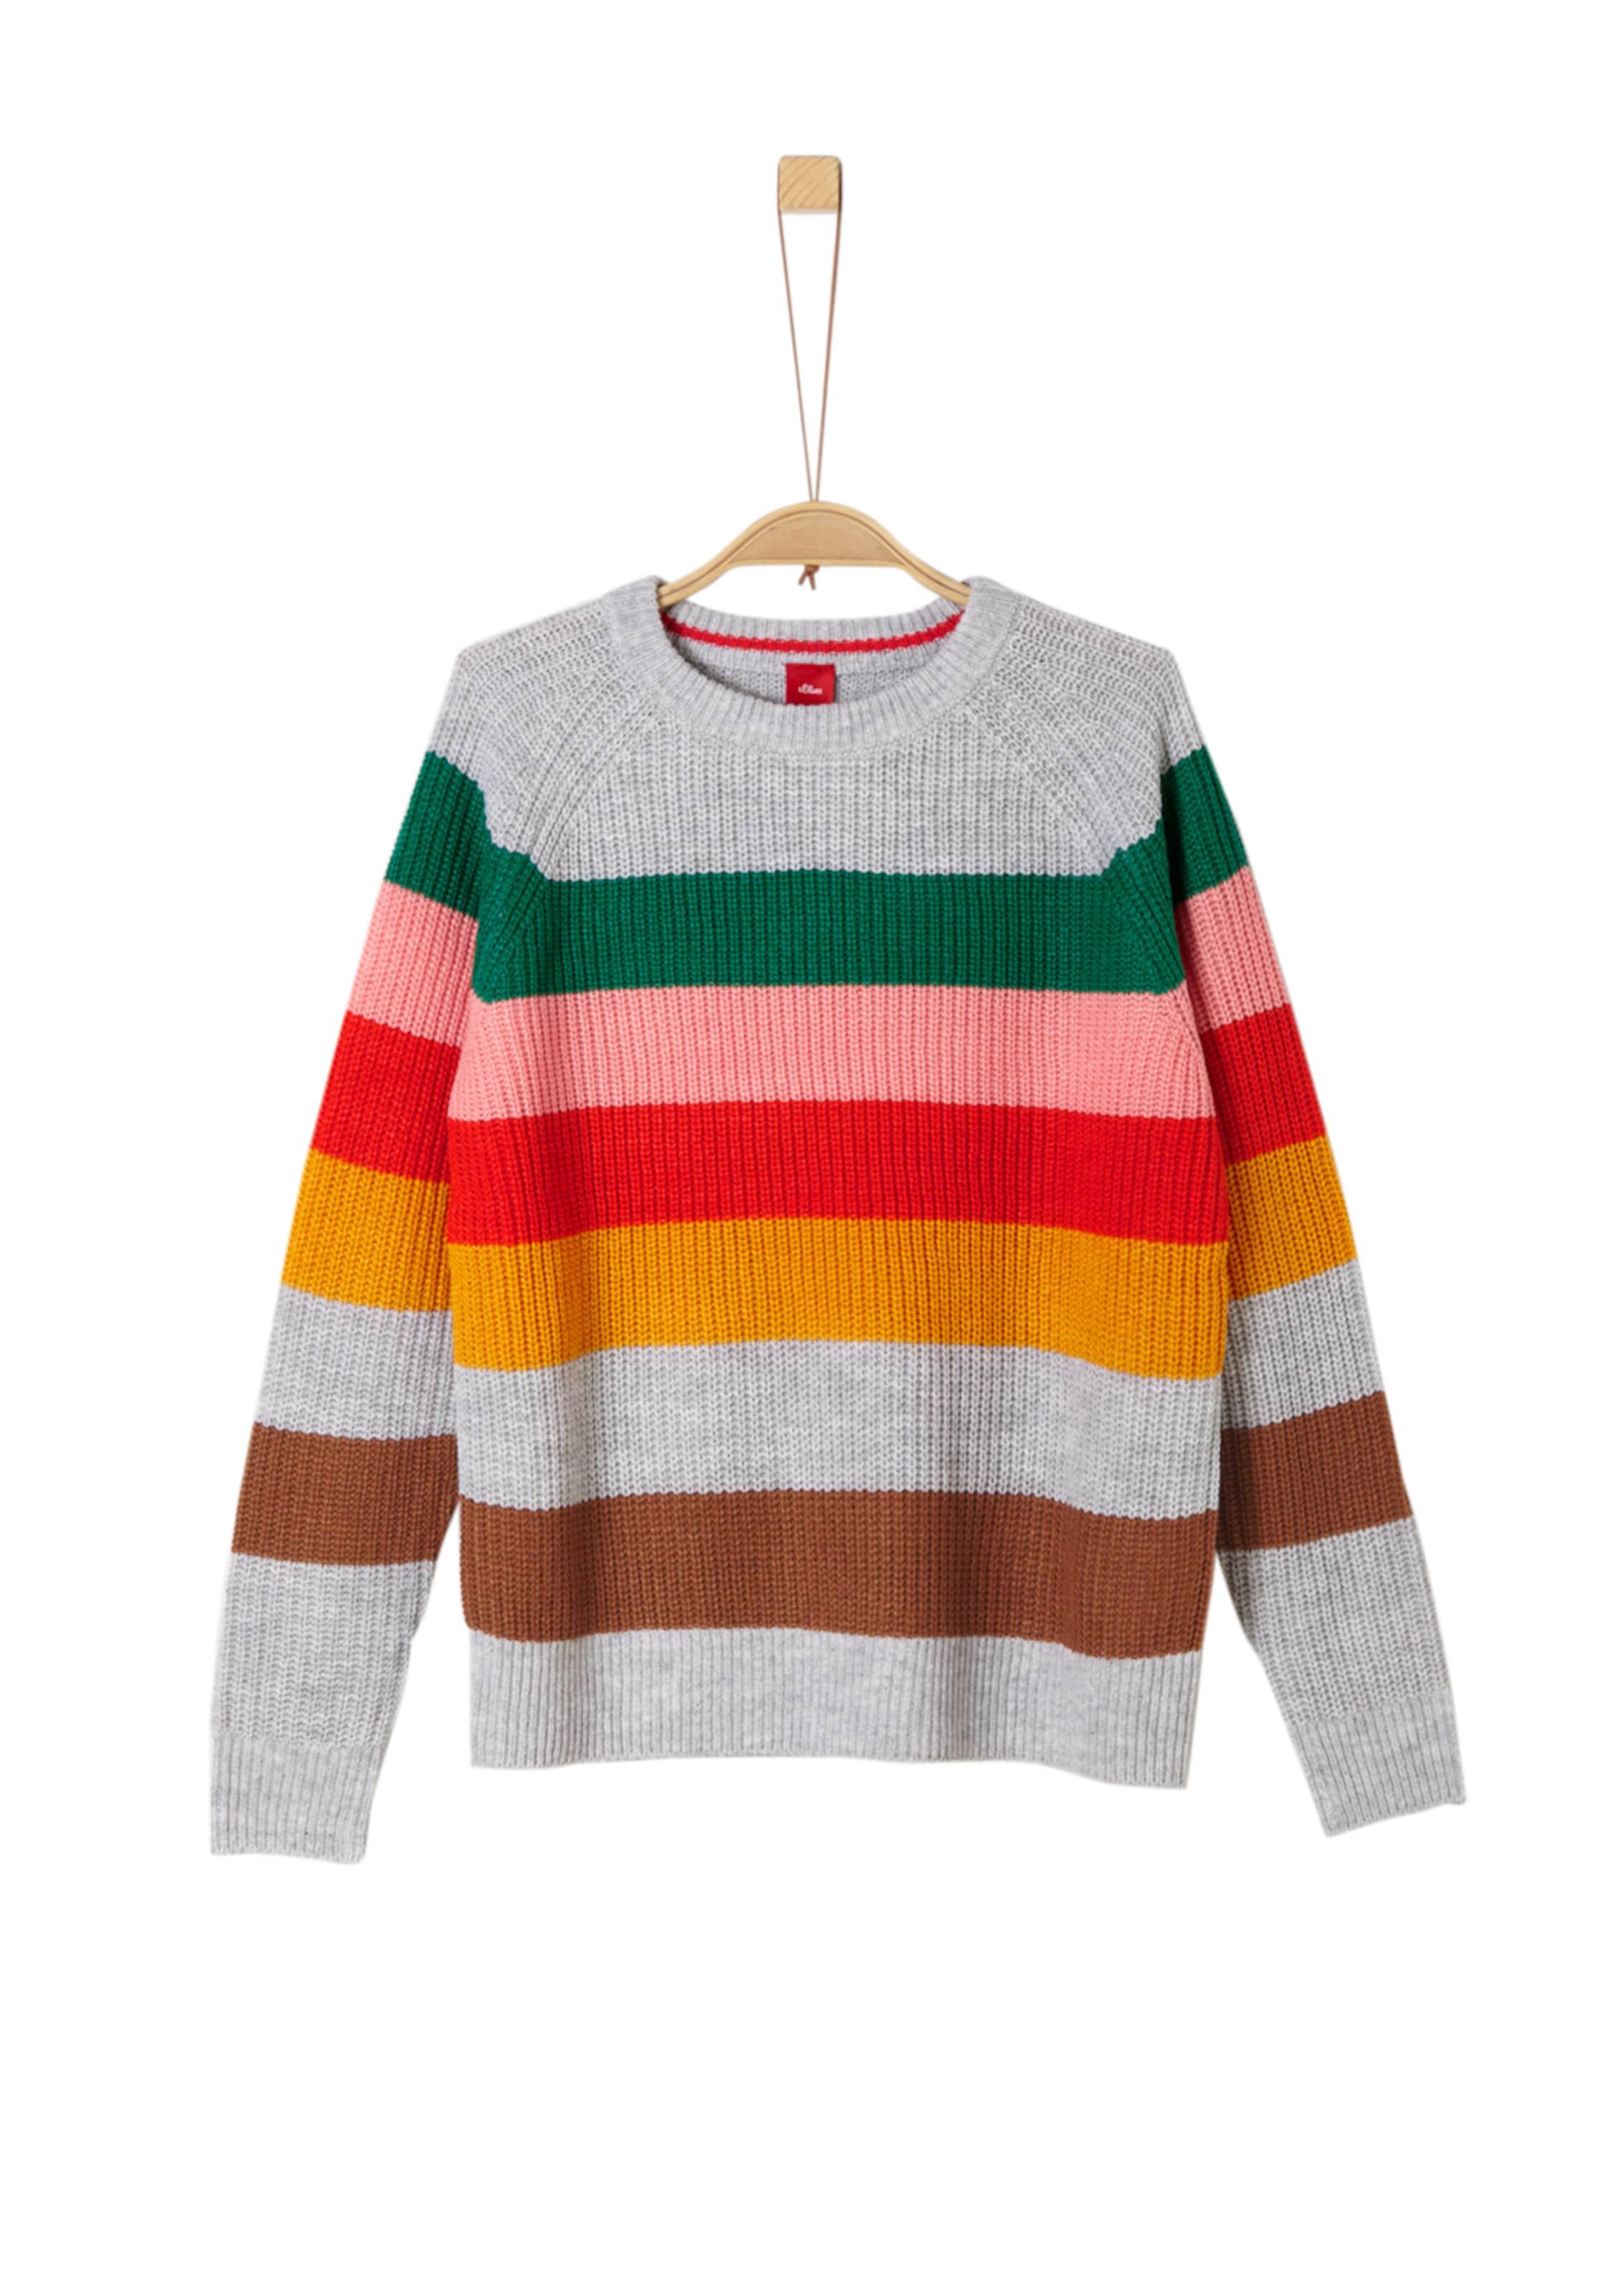 Kinder,  Mädchen,  Kinder S.Oliver Junior Strickpullover grau,  grün,  orange,  pink,  rot | 04057318300014